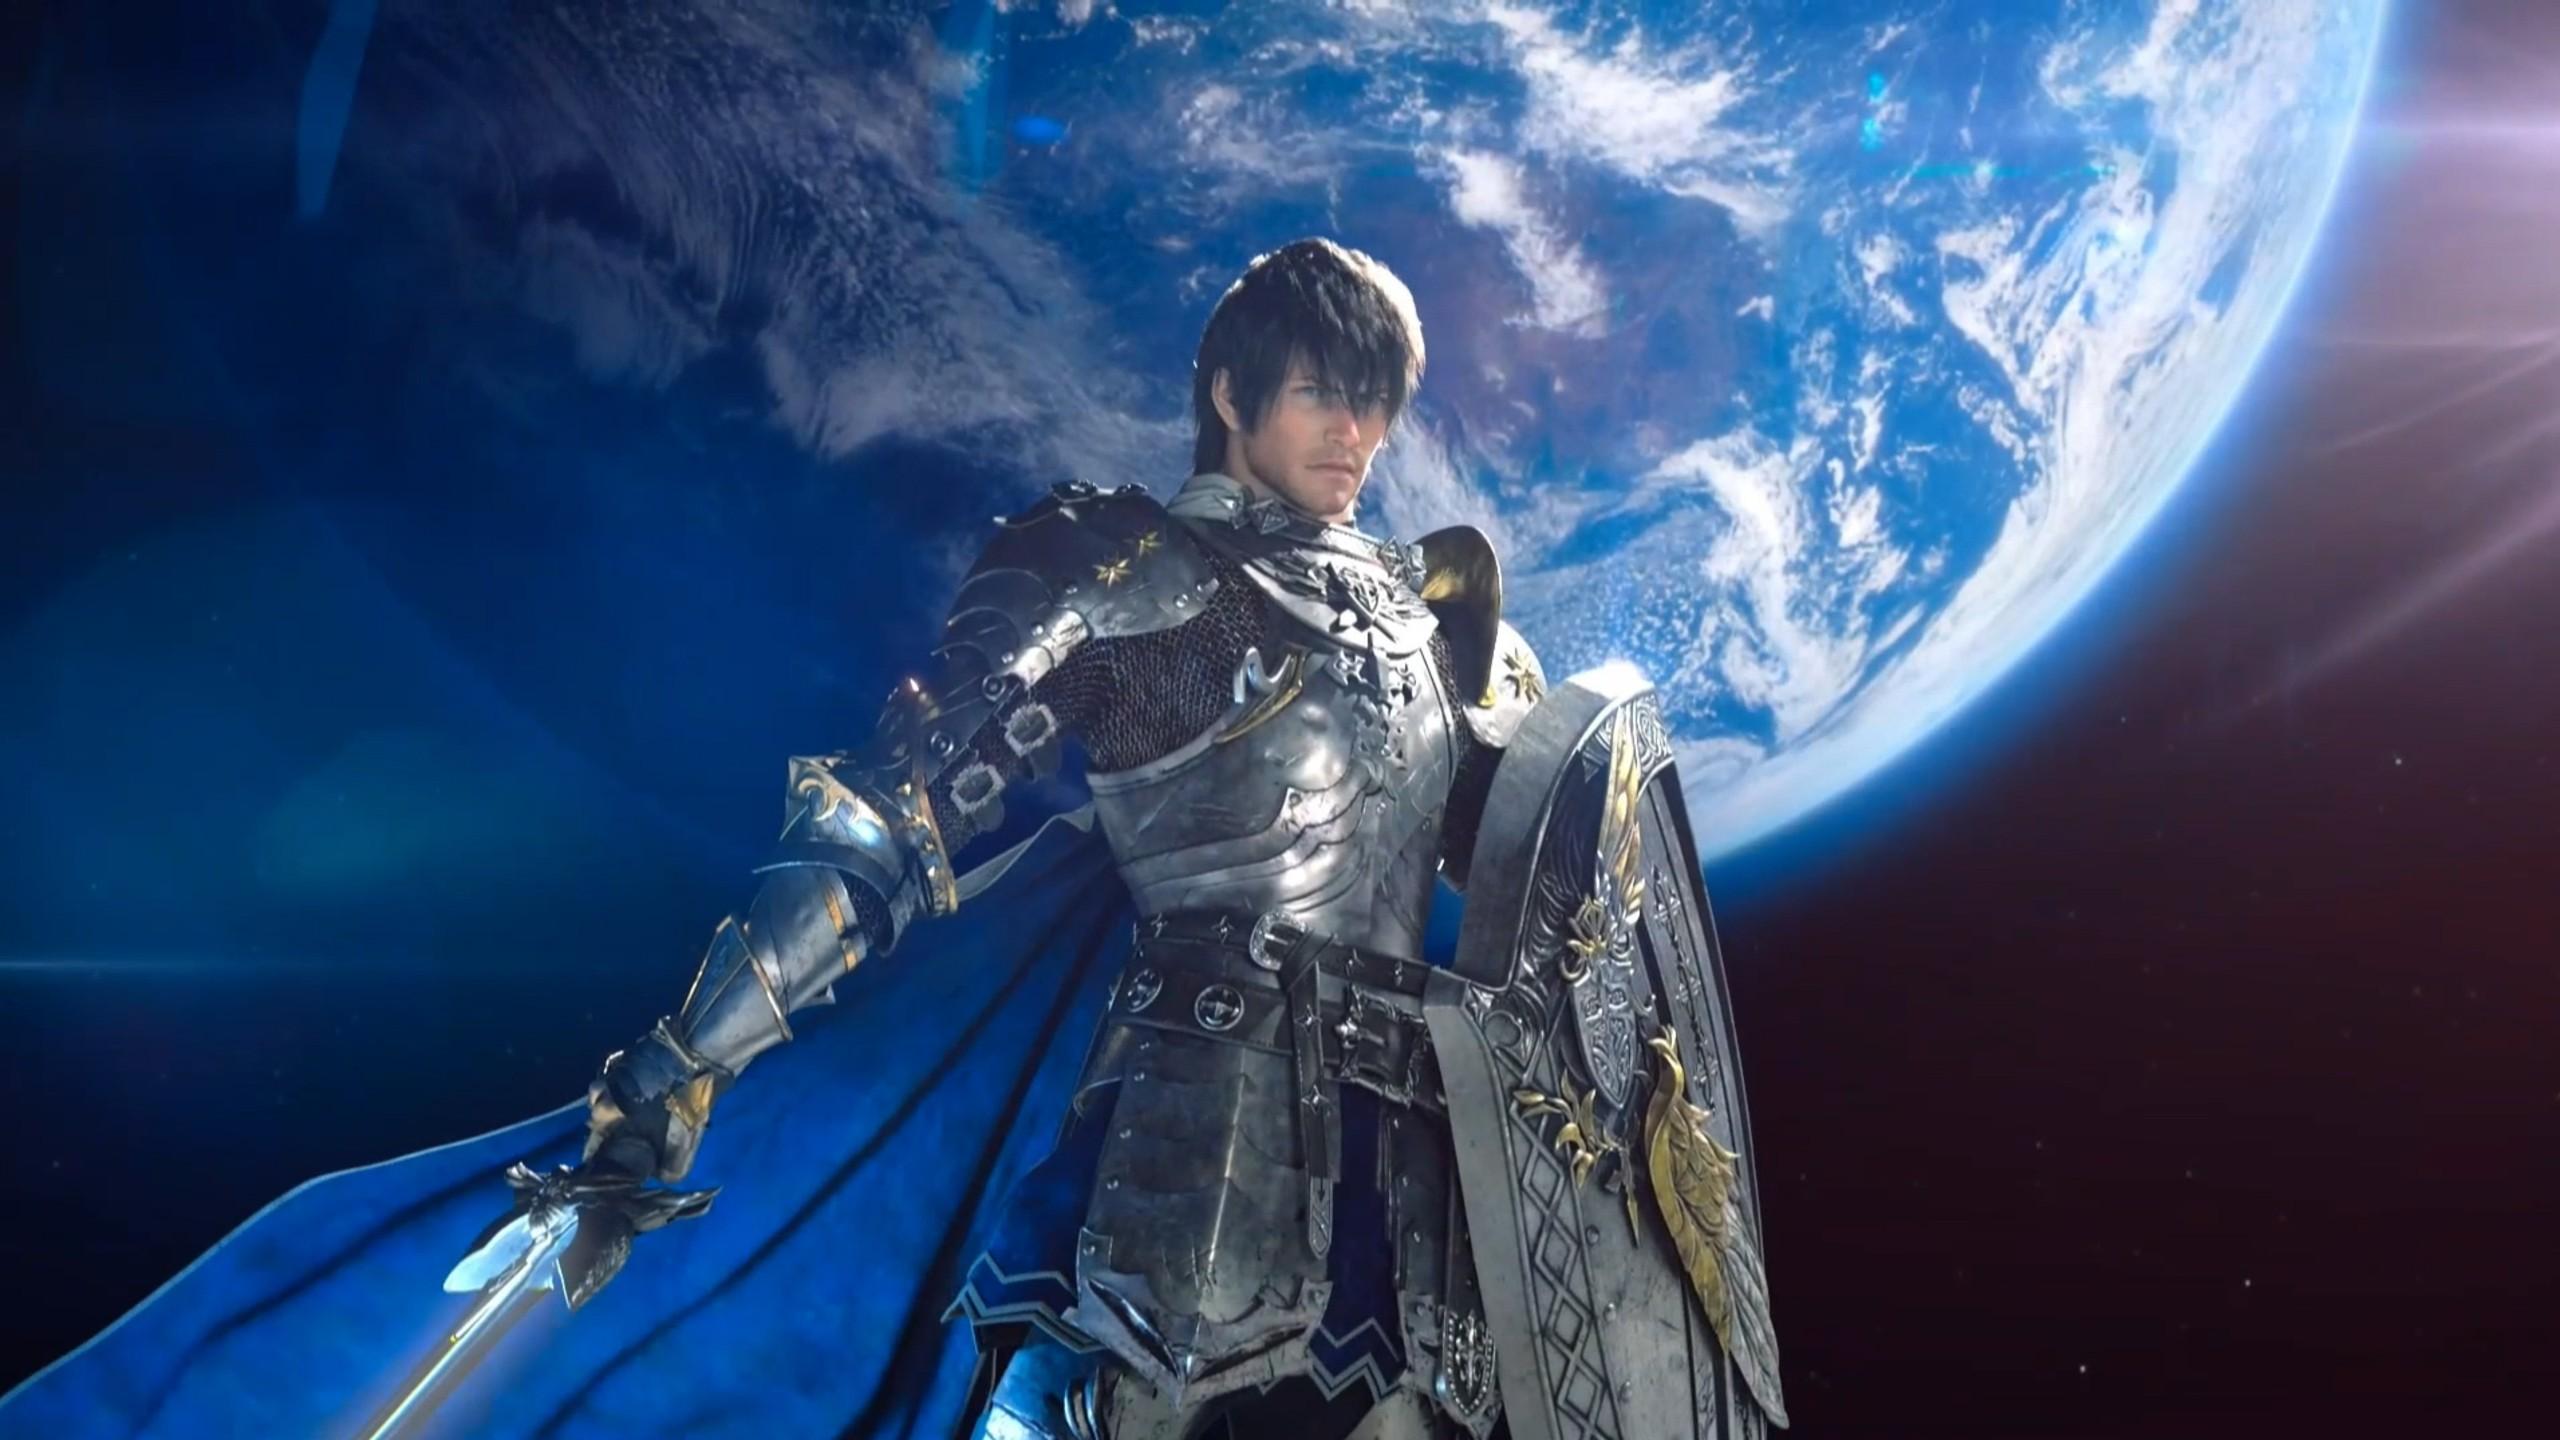 Final Fantasy XIV Endwalker Trailer